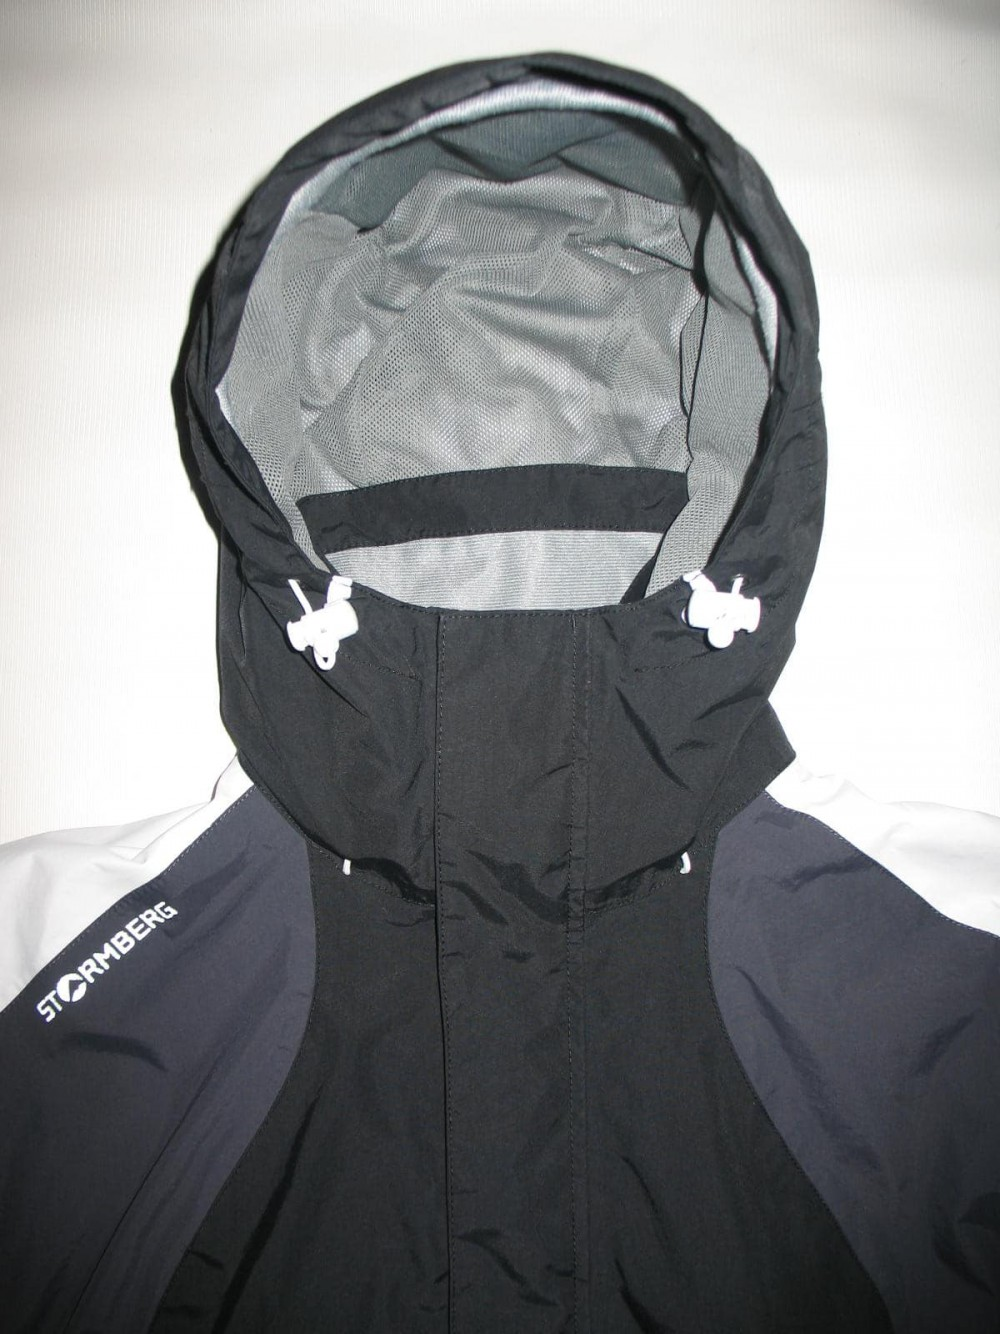 Куртка STORMBERG veiviser jacket (размер L) - 3